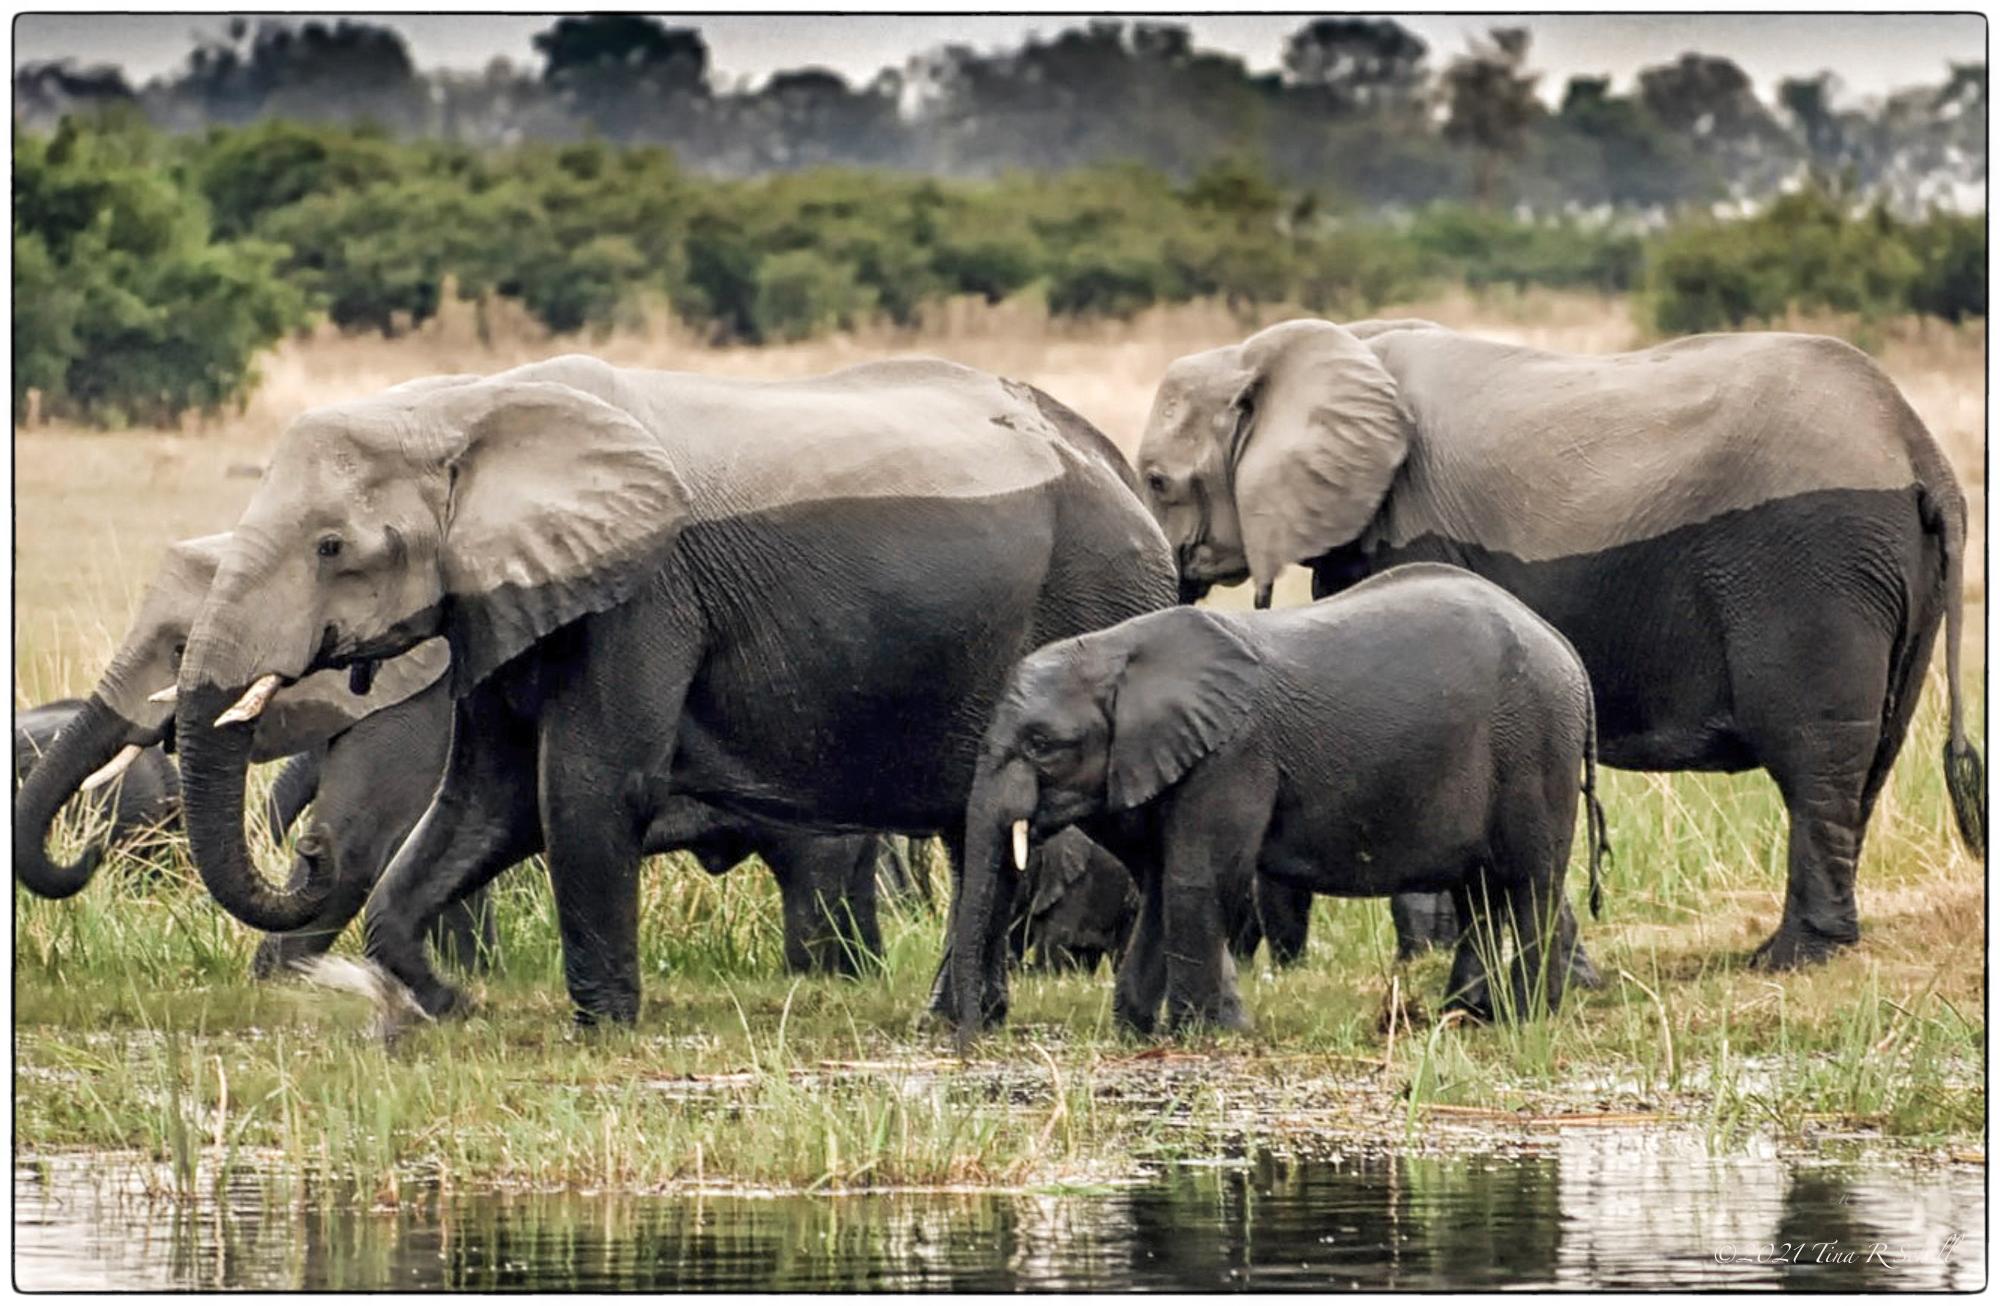 elephants, contrast, botswana